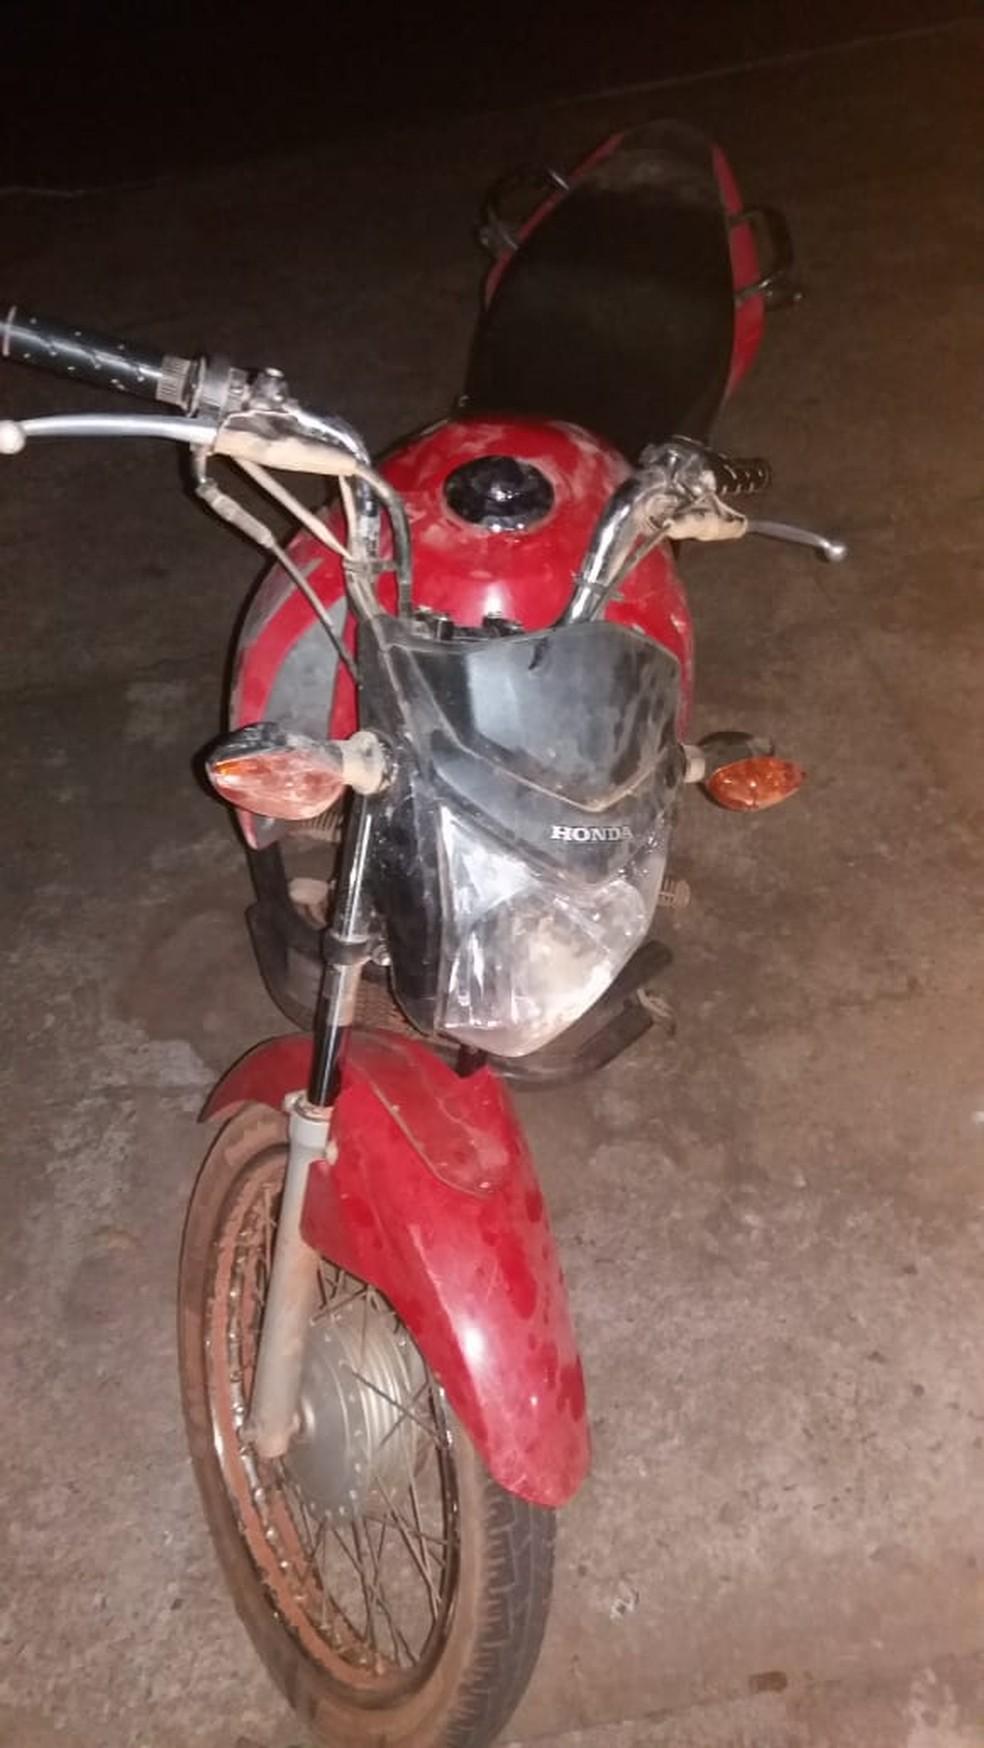 Moto usada pelos criminosos para cometer os assaltos (Foto: Polícia Militar - MT)